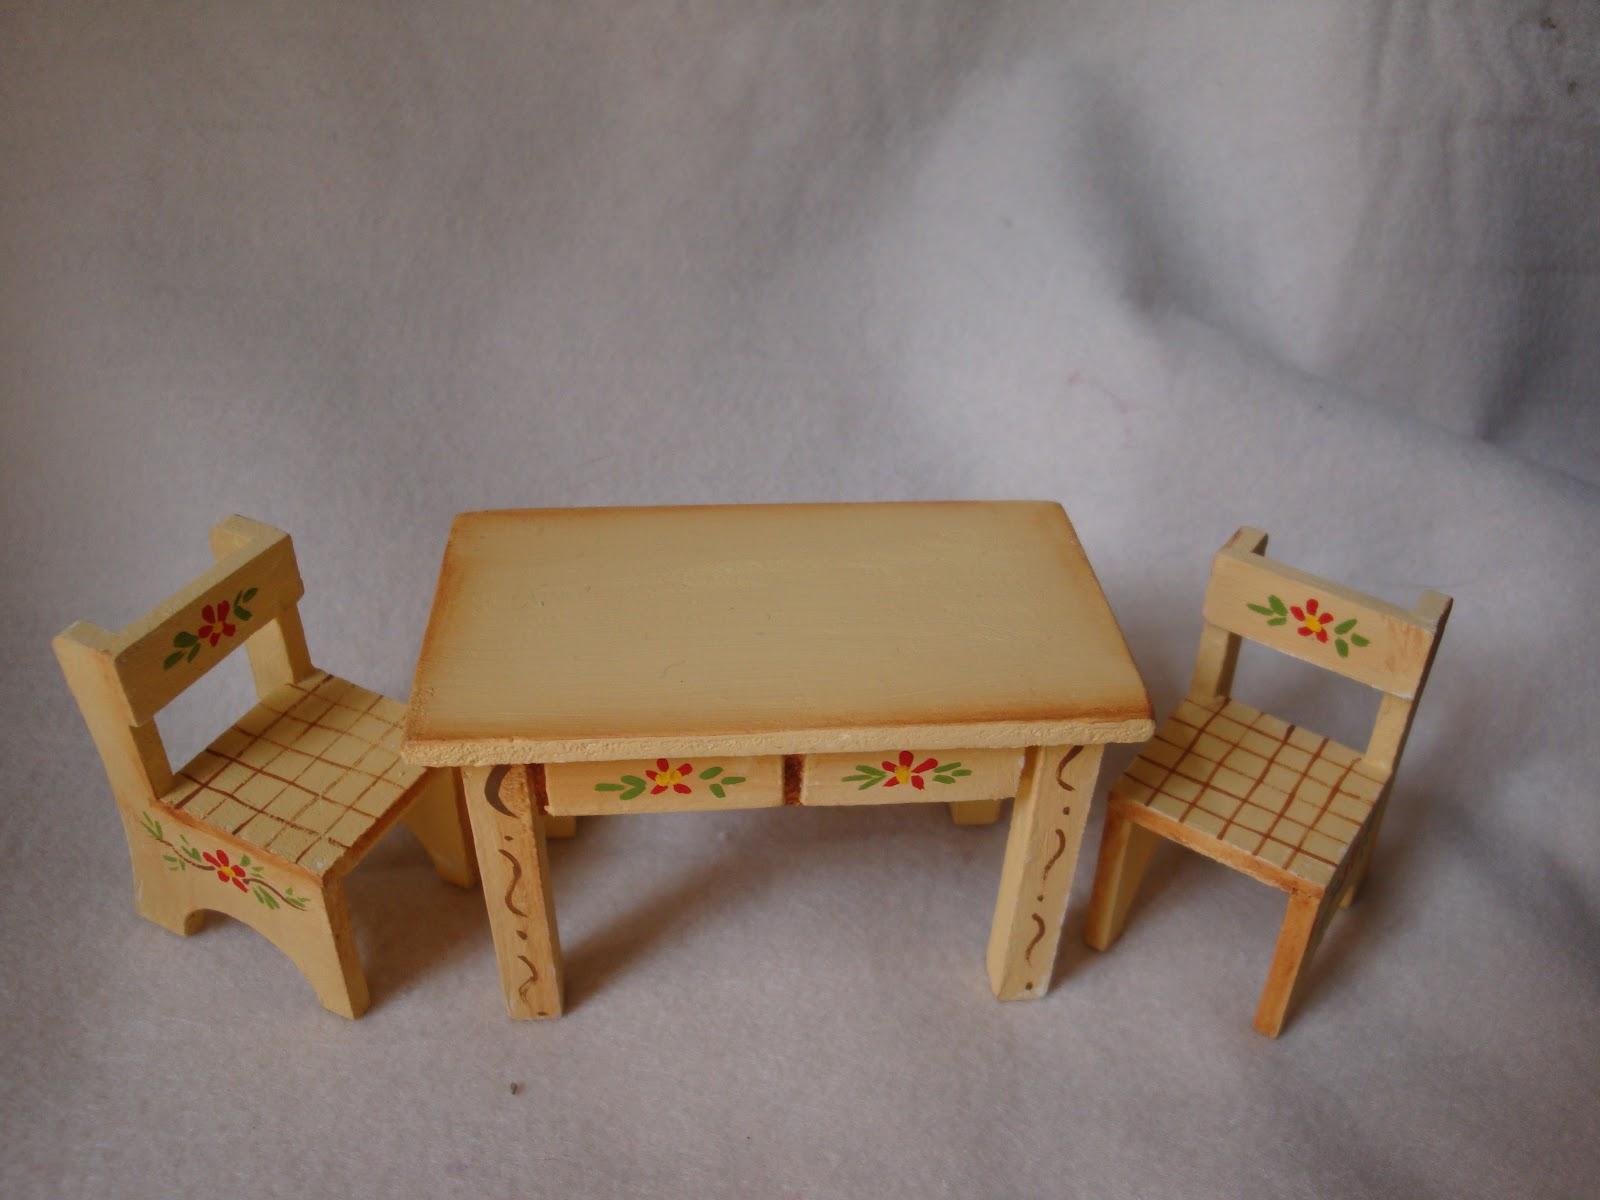 Mini mesa com duas cadeiras (madeira) decoração em biscuit. #684226 1600x1200